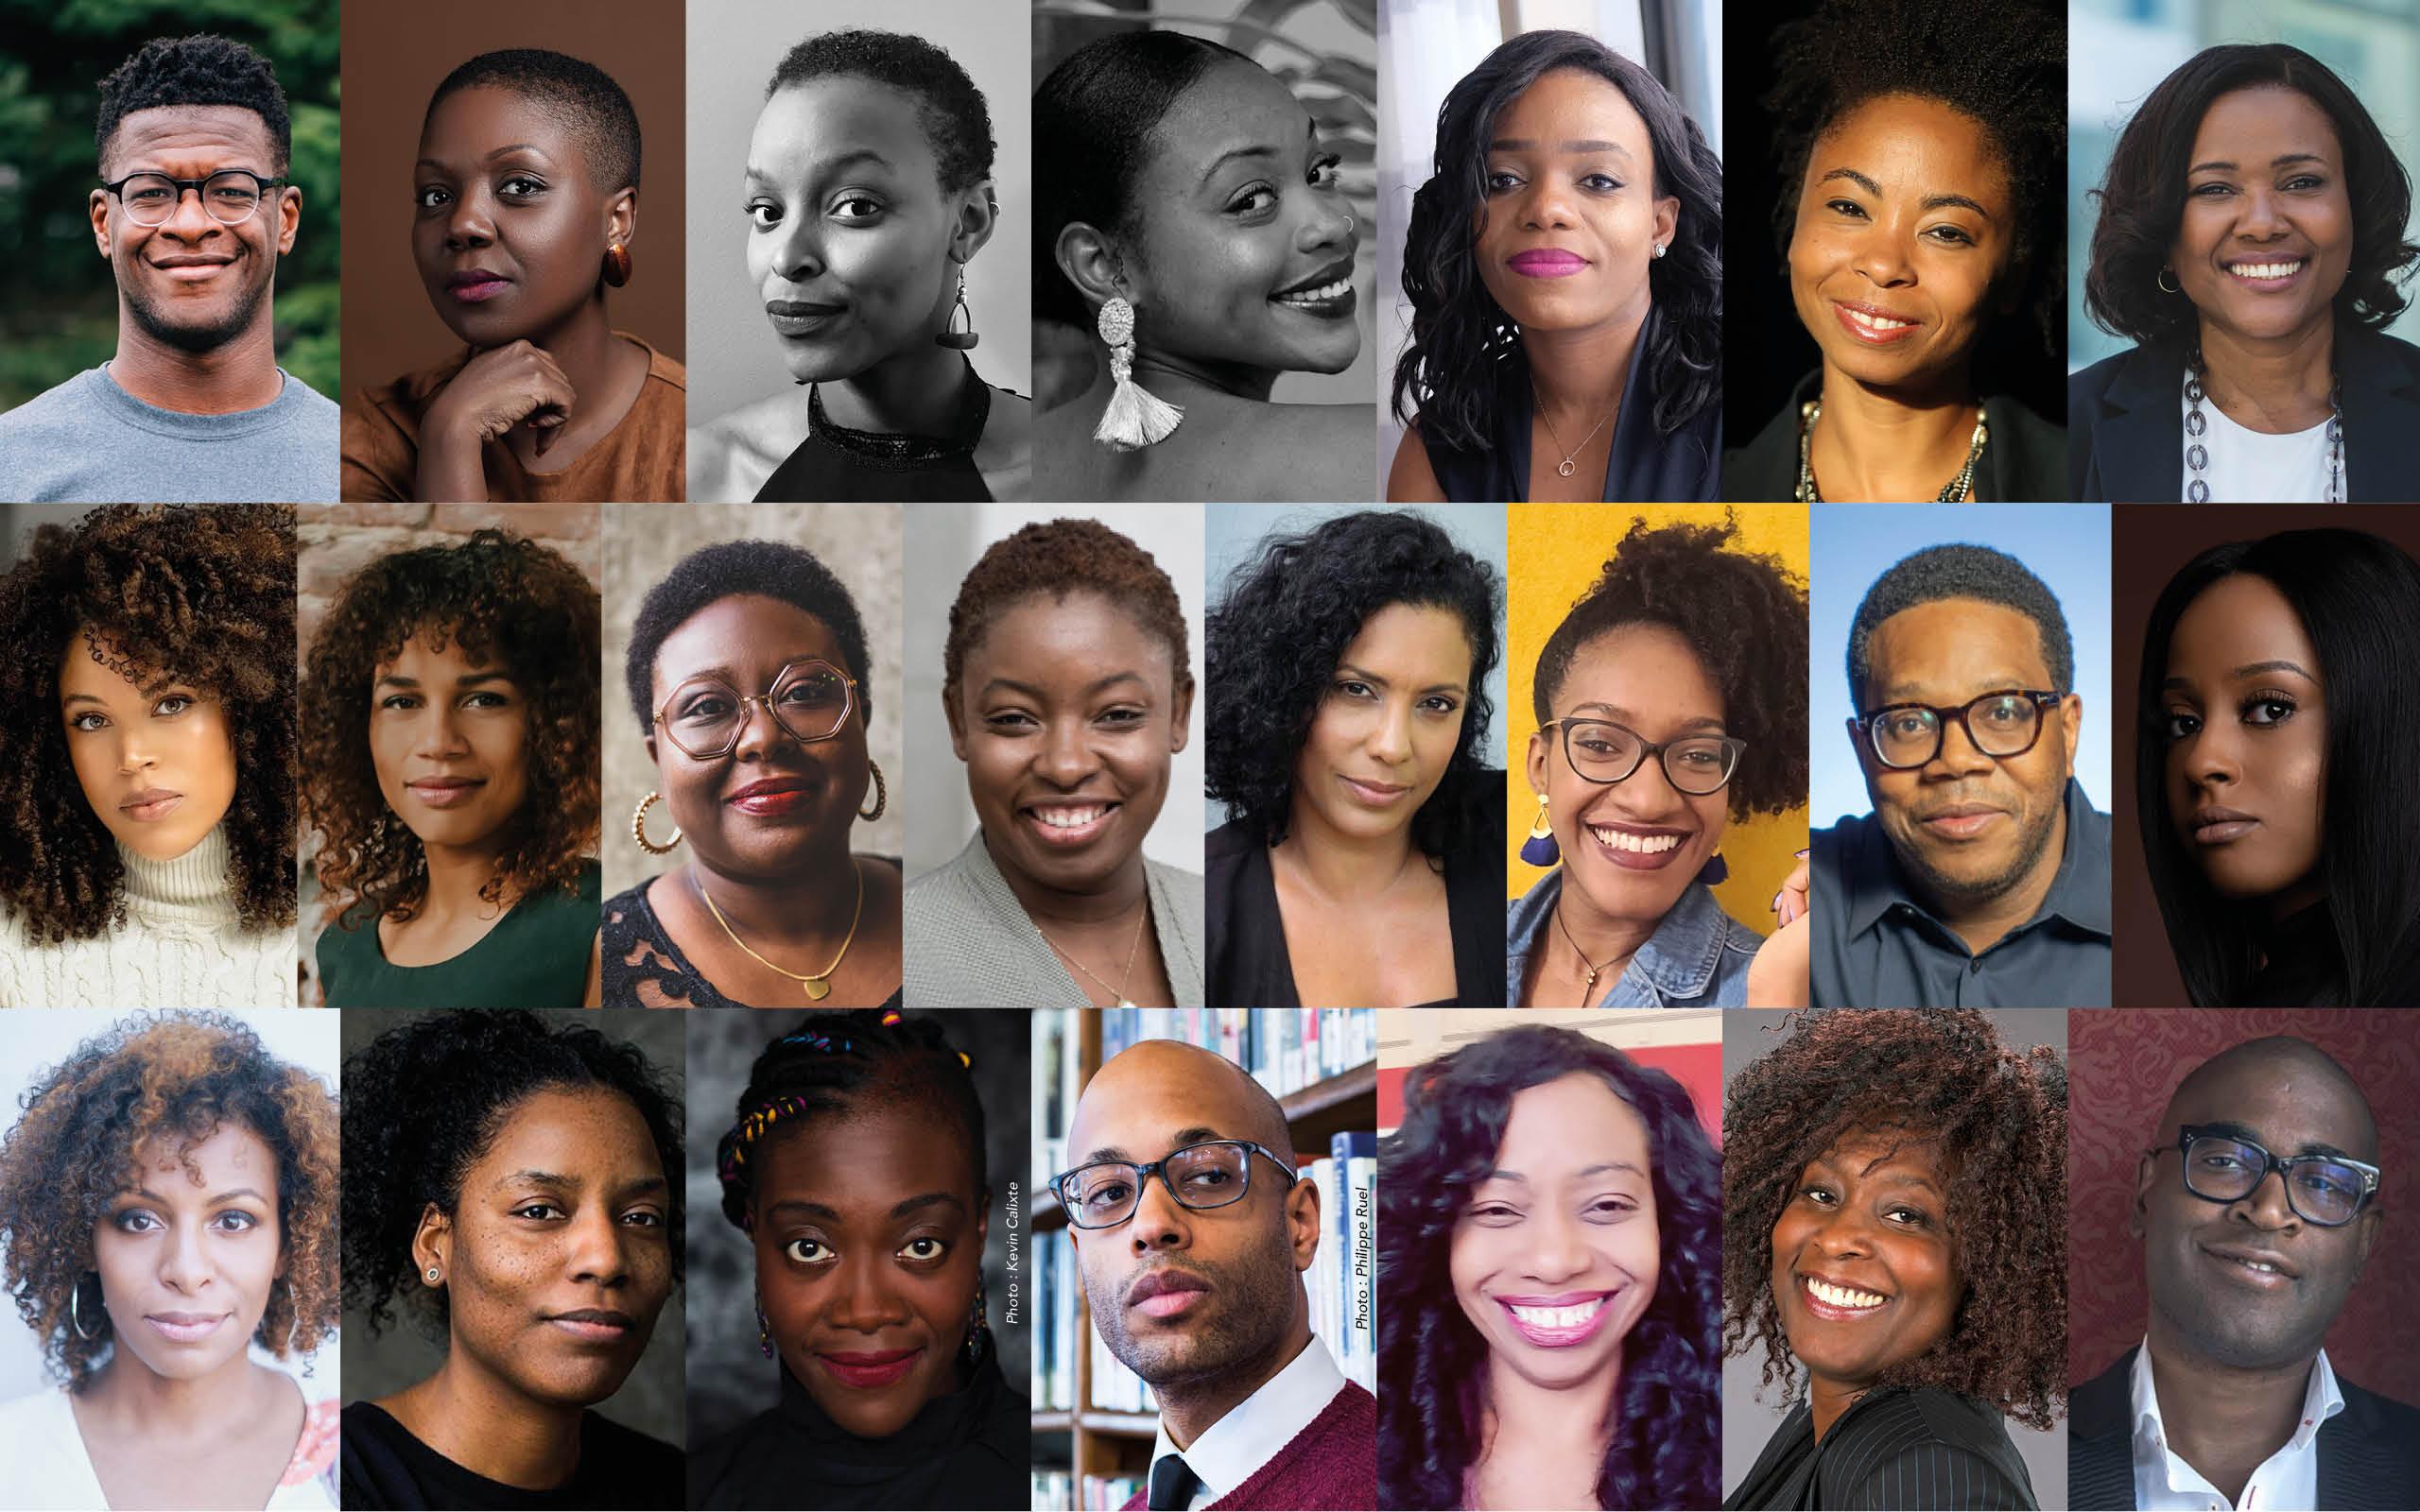 Les femmes noires en STEM: Entre la sous-représentation et les modèles de réussite.